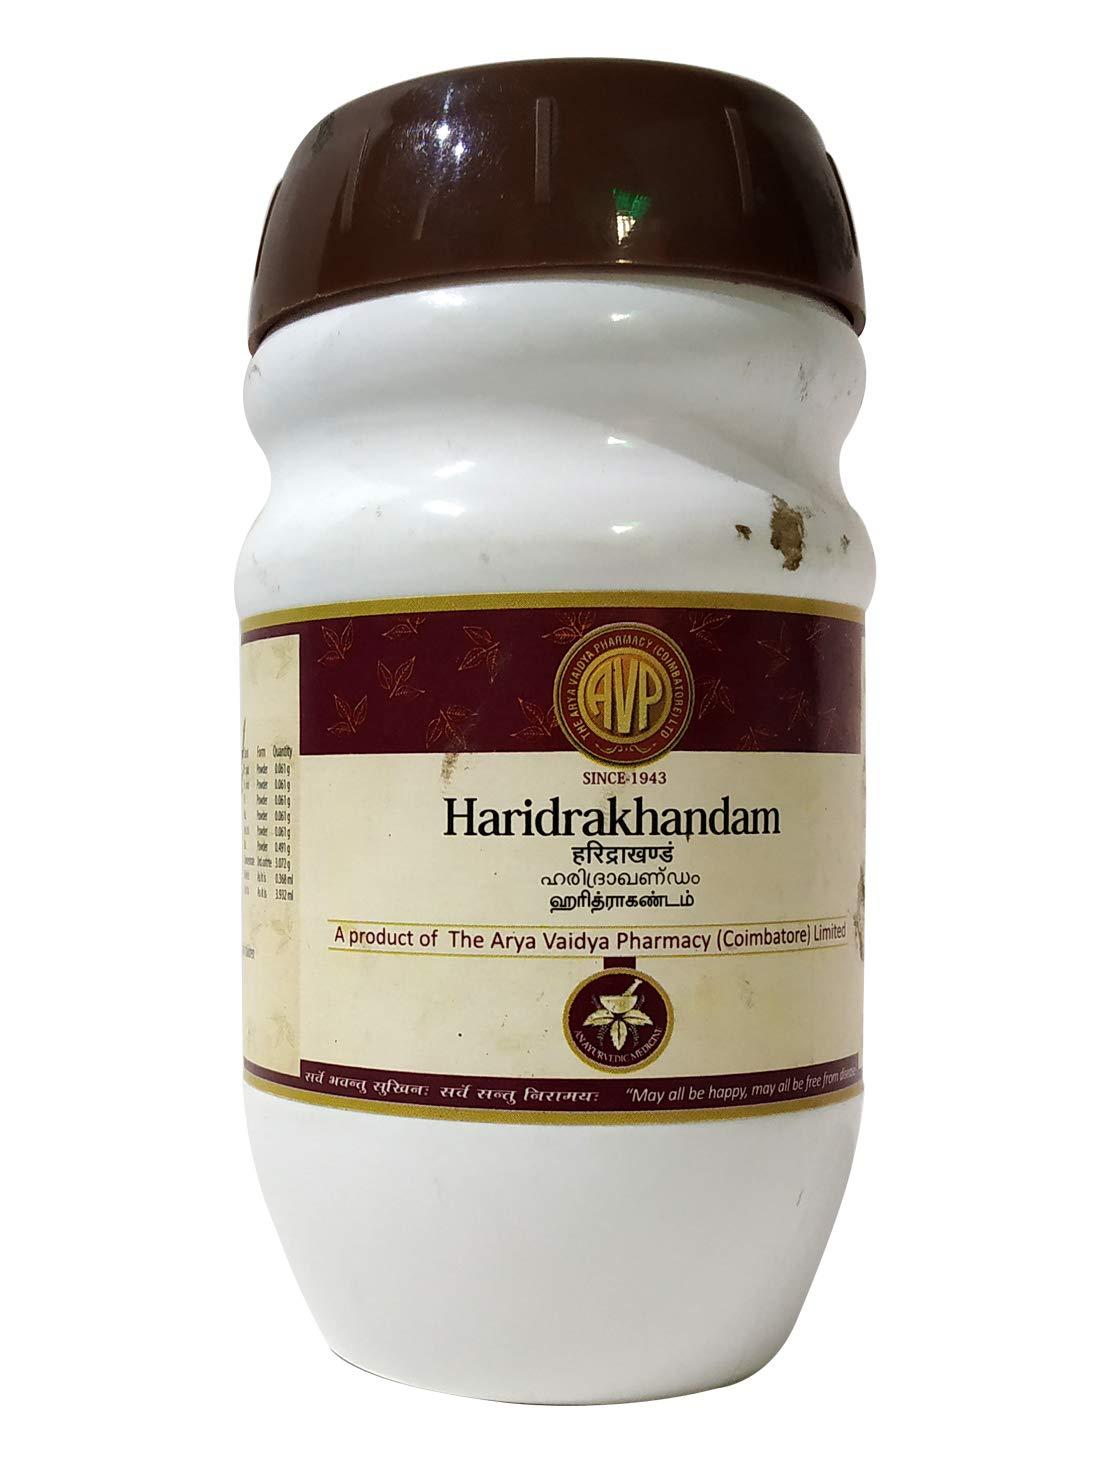 Arya Vaidya Pharmacy - Haridrakhandam